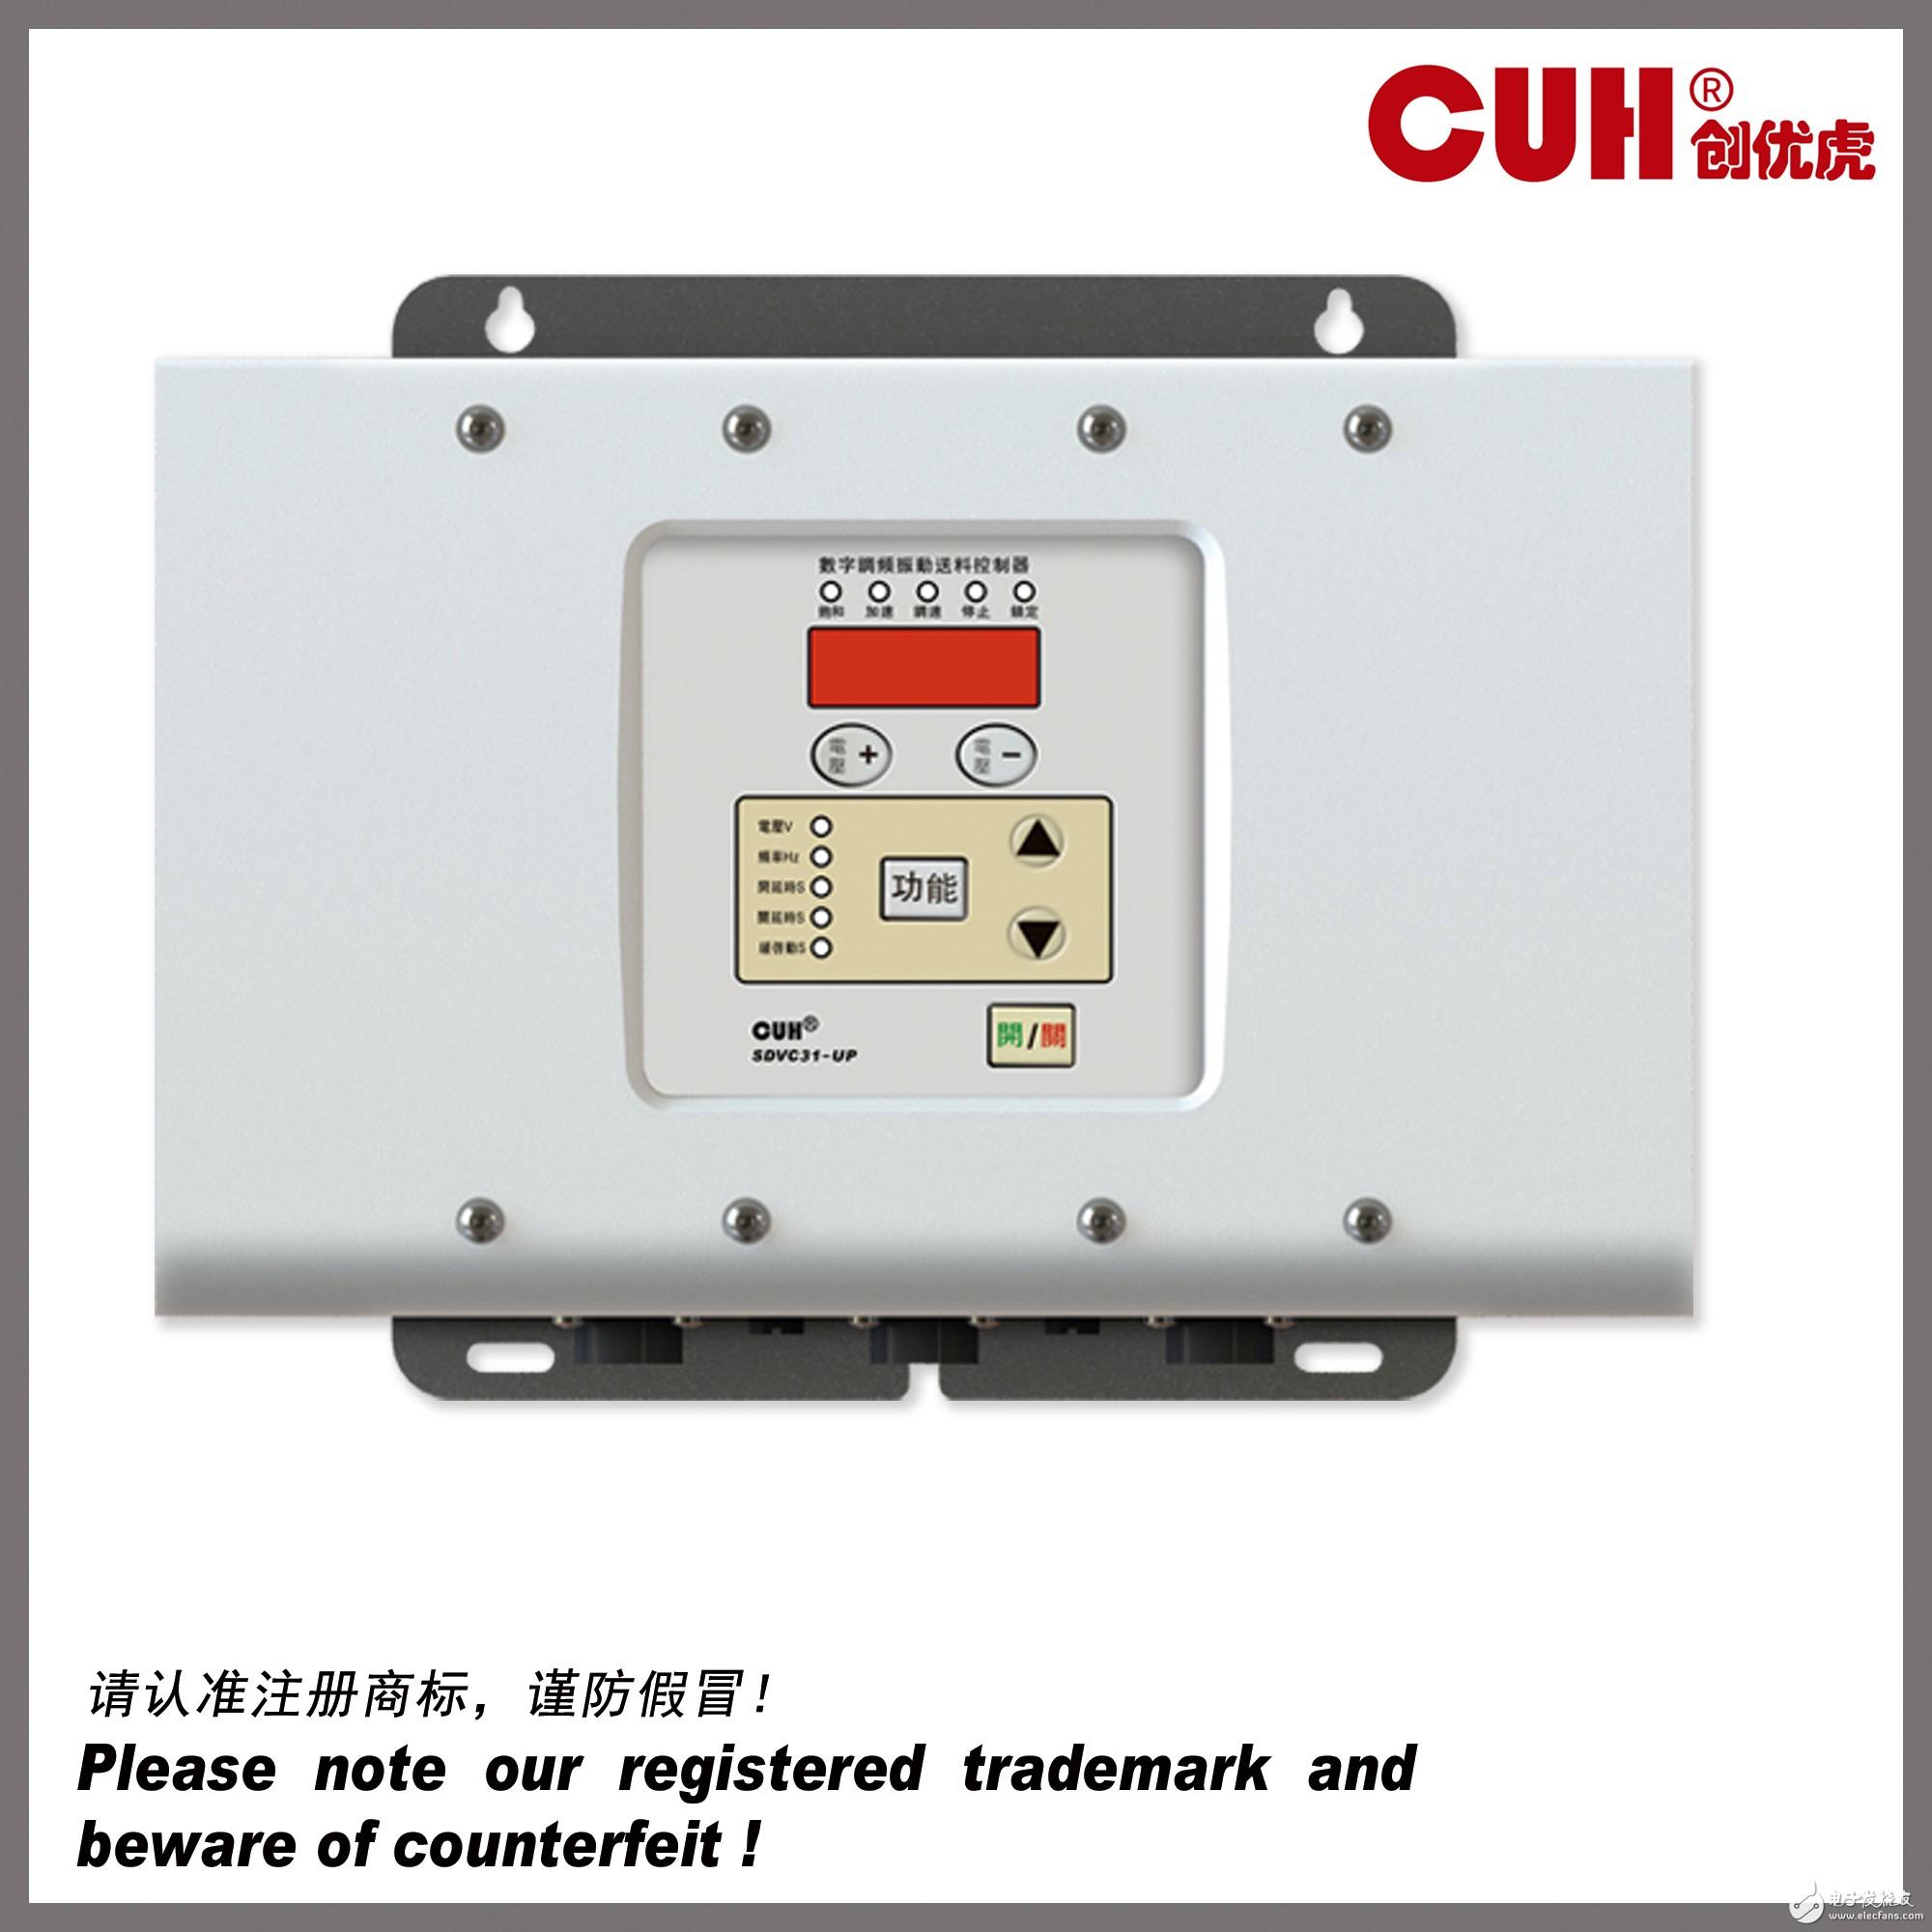 SDVC31-UP:10A調頻控制器